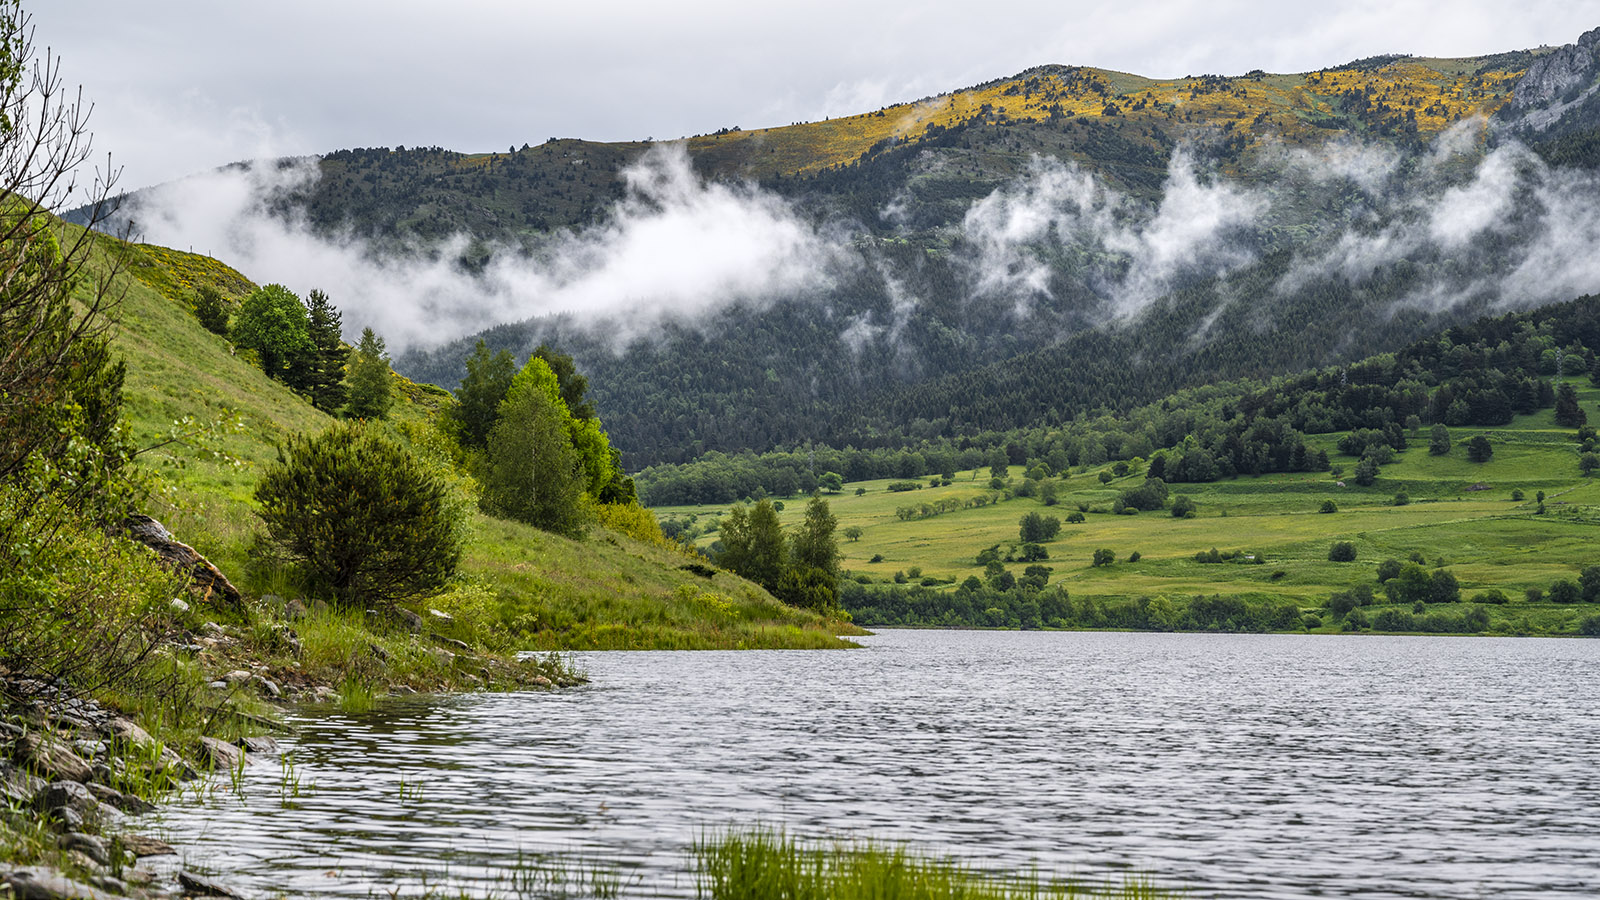 Der Stausee von Puyvalador. Foto: Hilke Maunder